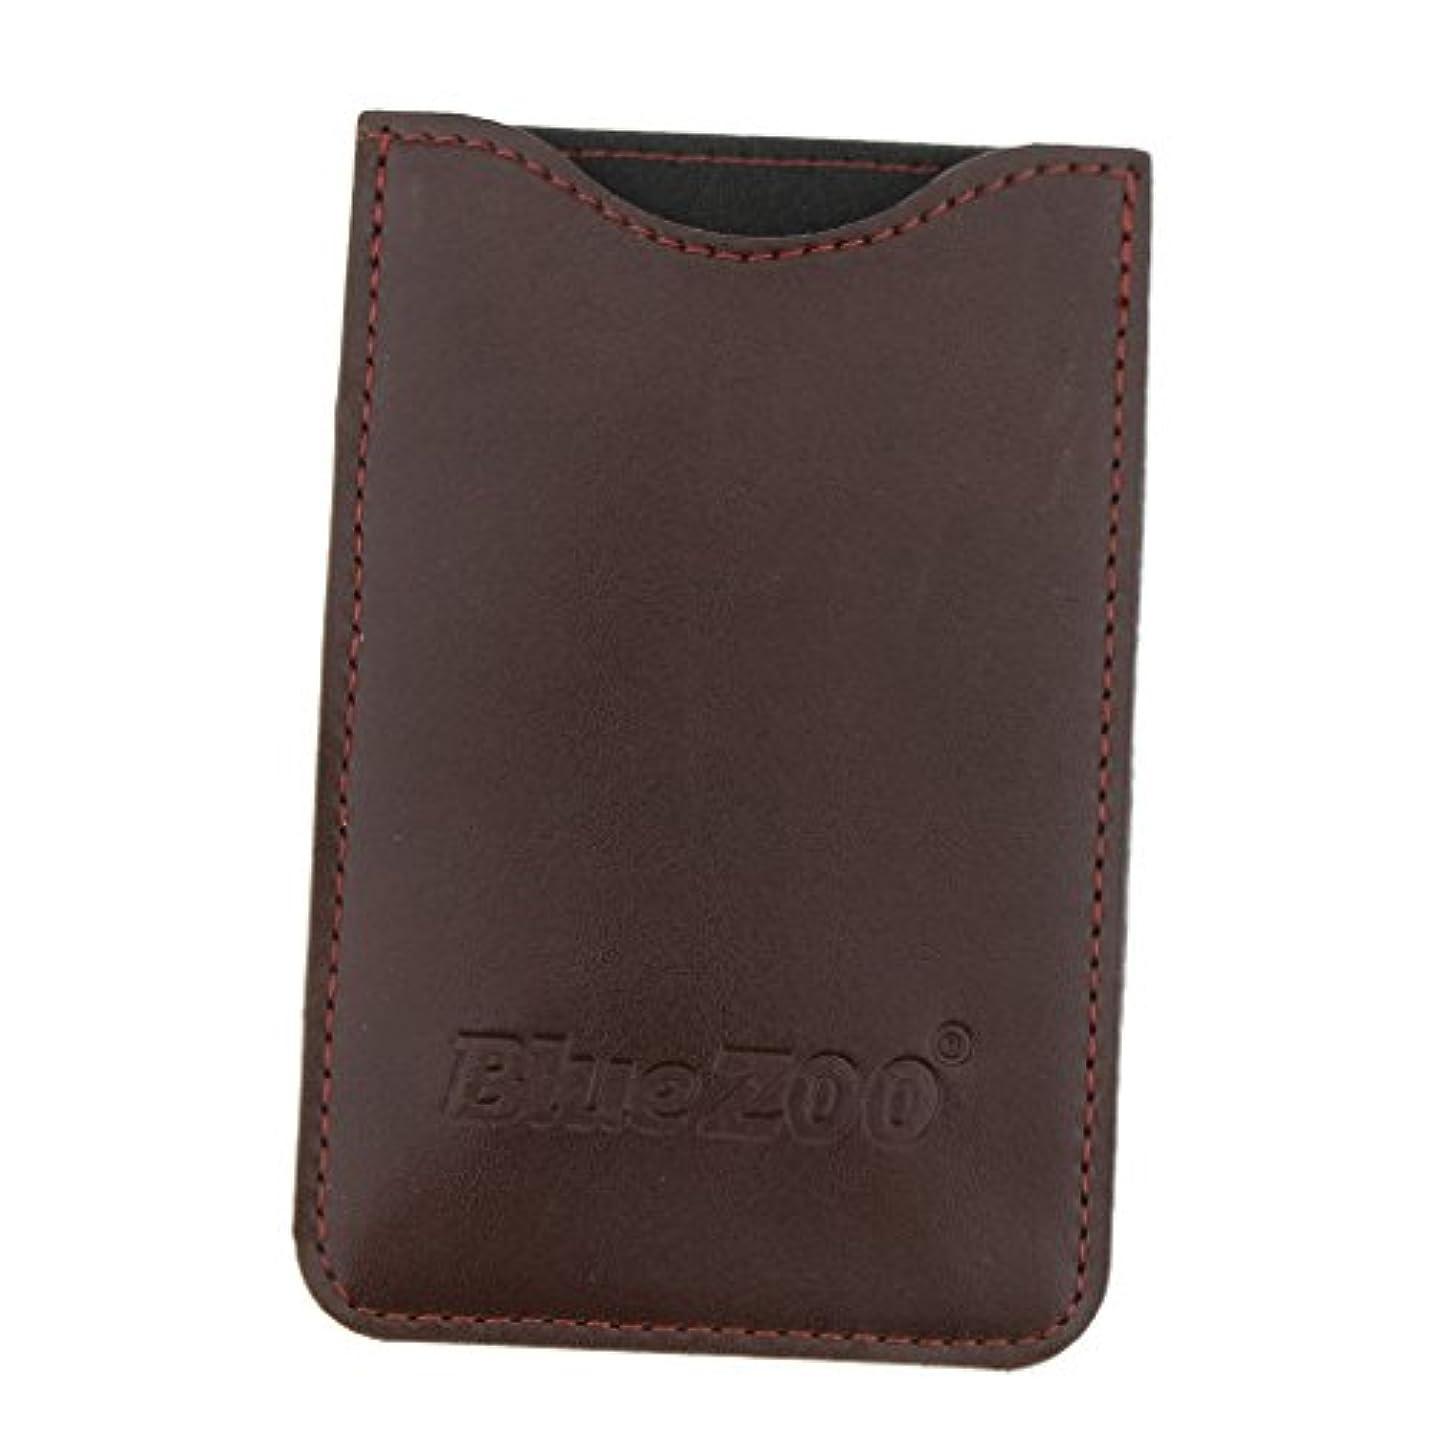 ガチョウ五陽気な収納パック 収納ケース 保護カバー 櫛/名刺/IDカード/銀行カード 旅行 便利 全2色 - 褐色